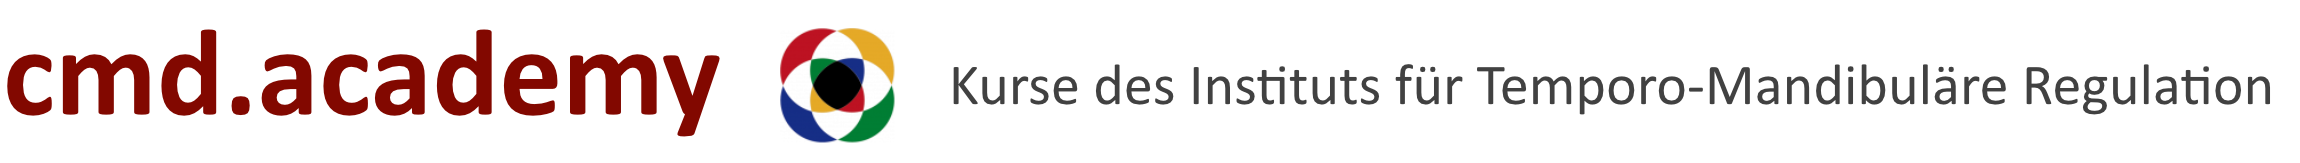 CMD.Academy-Logo